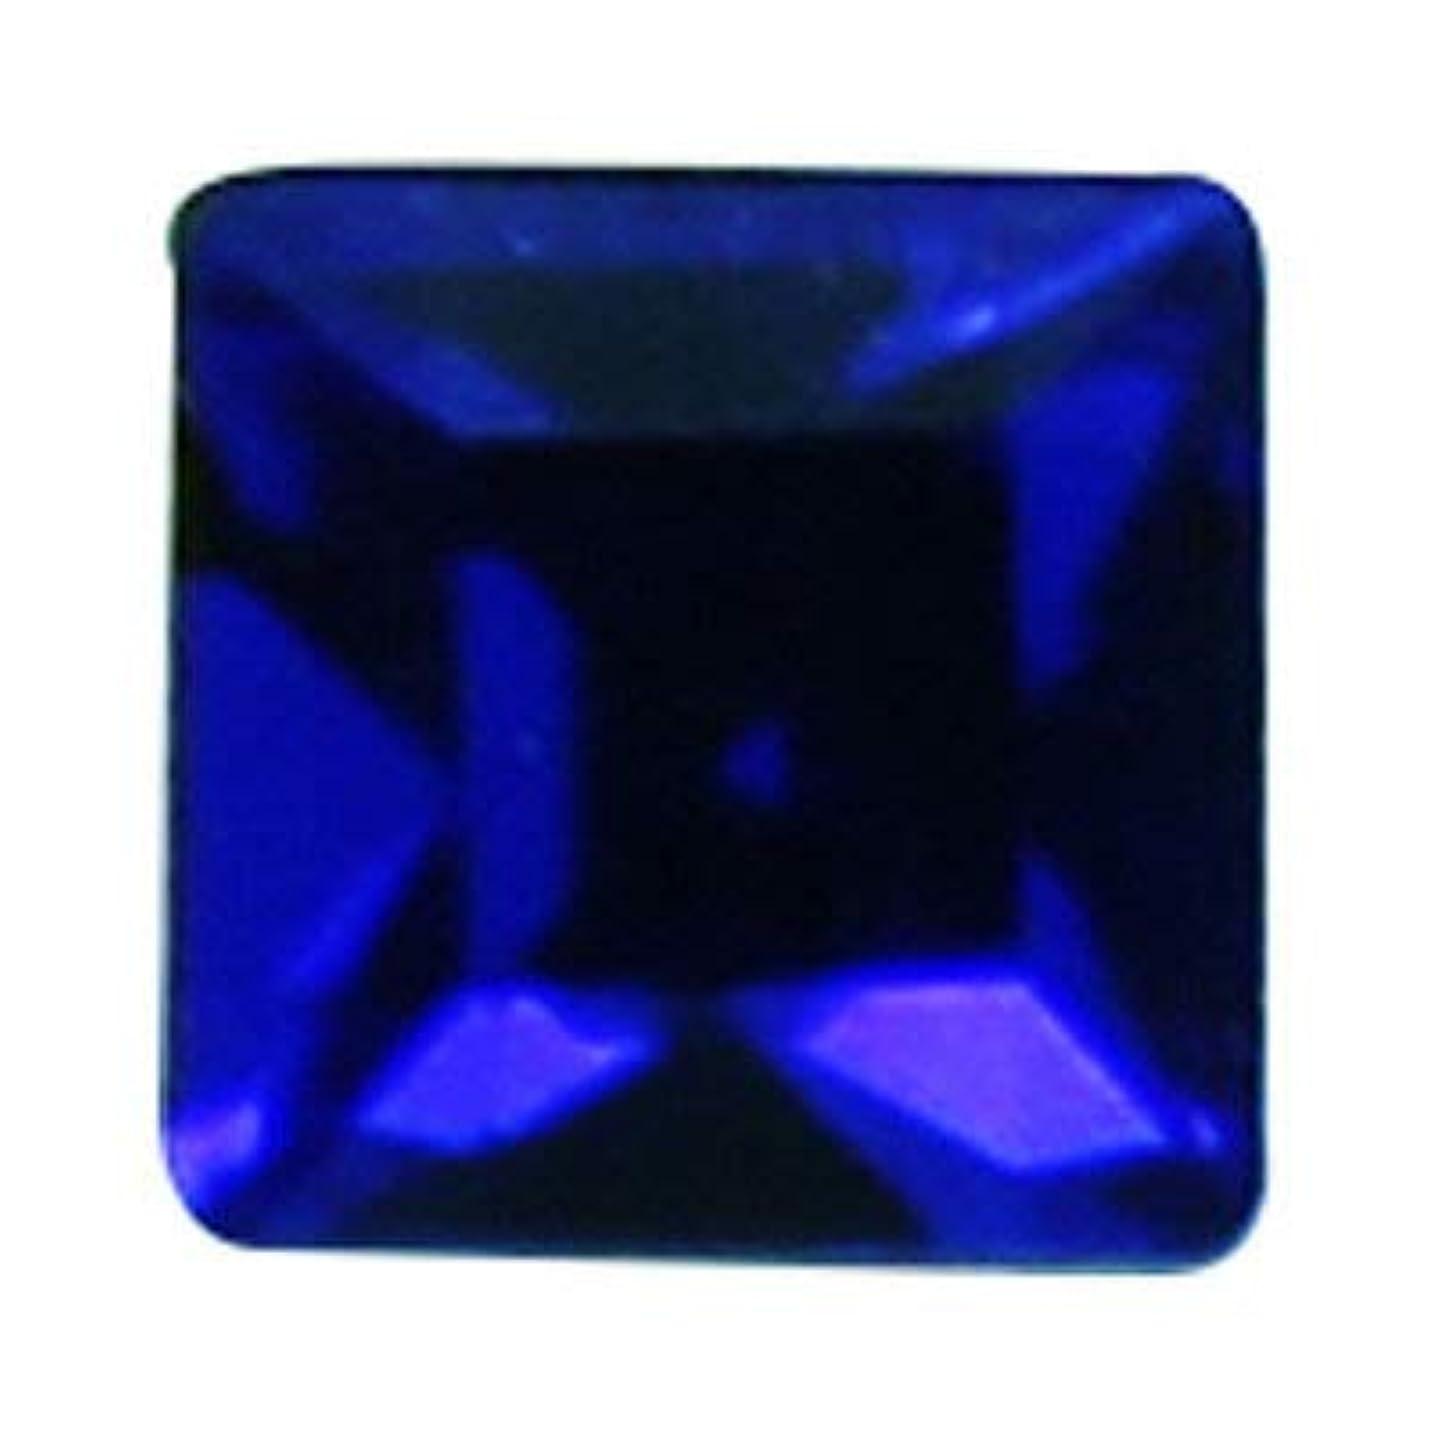 ライター安価な意図するSWAROVSKI マジェスティック?ブルー 3mm #4428 スクエア 24P